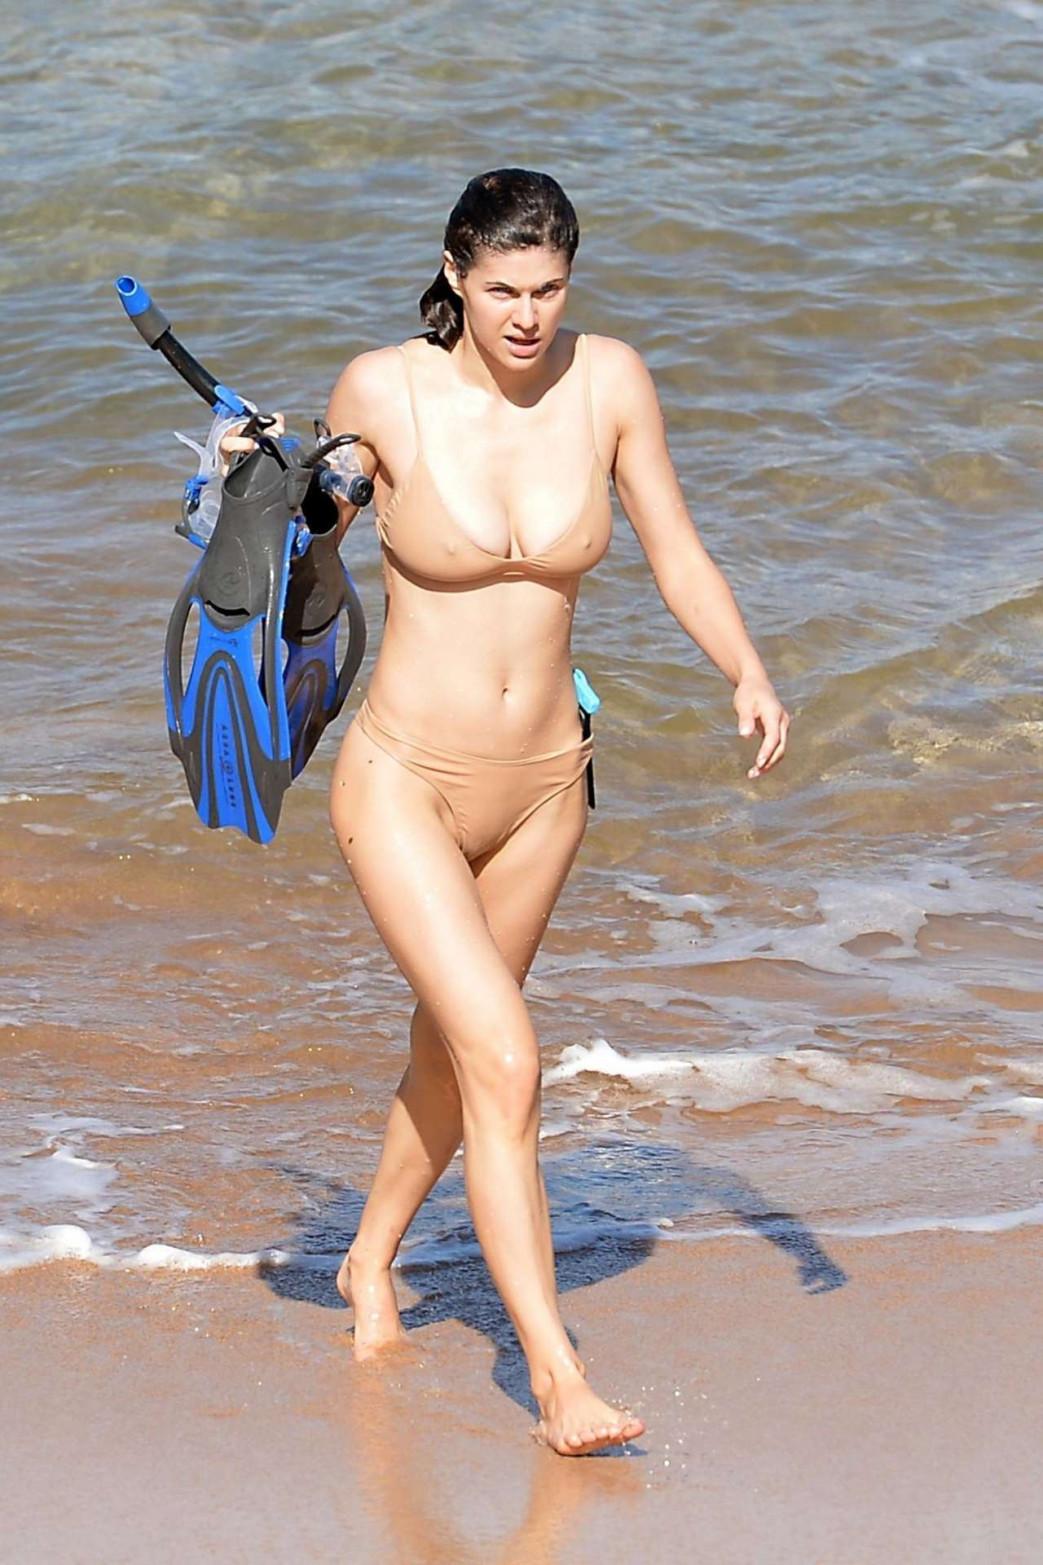 Alexandra-Daddario-Pokies-and-Wedgie-Picking-In-Wet-Bikini-7.jpg